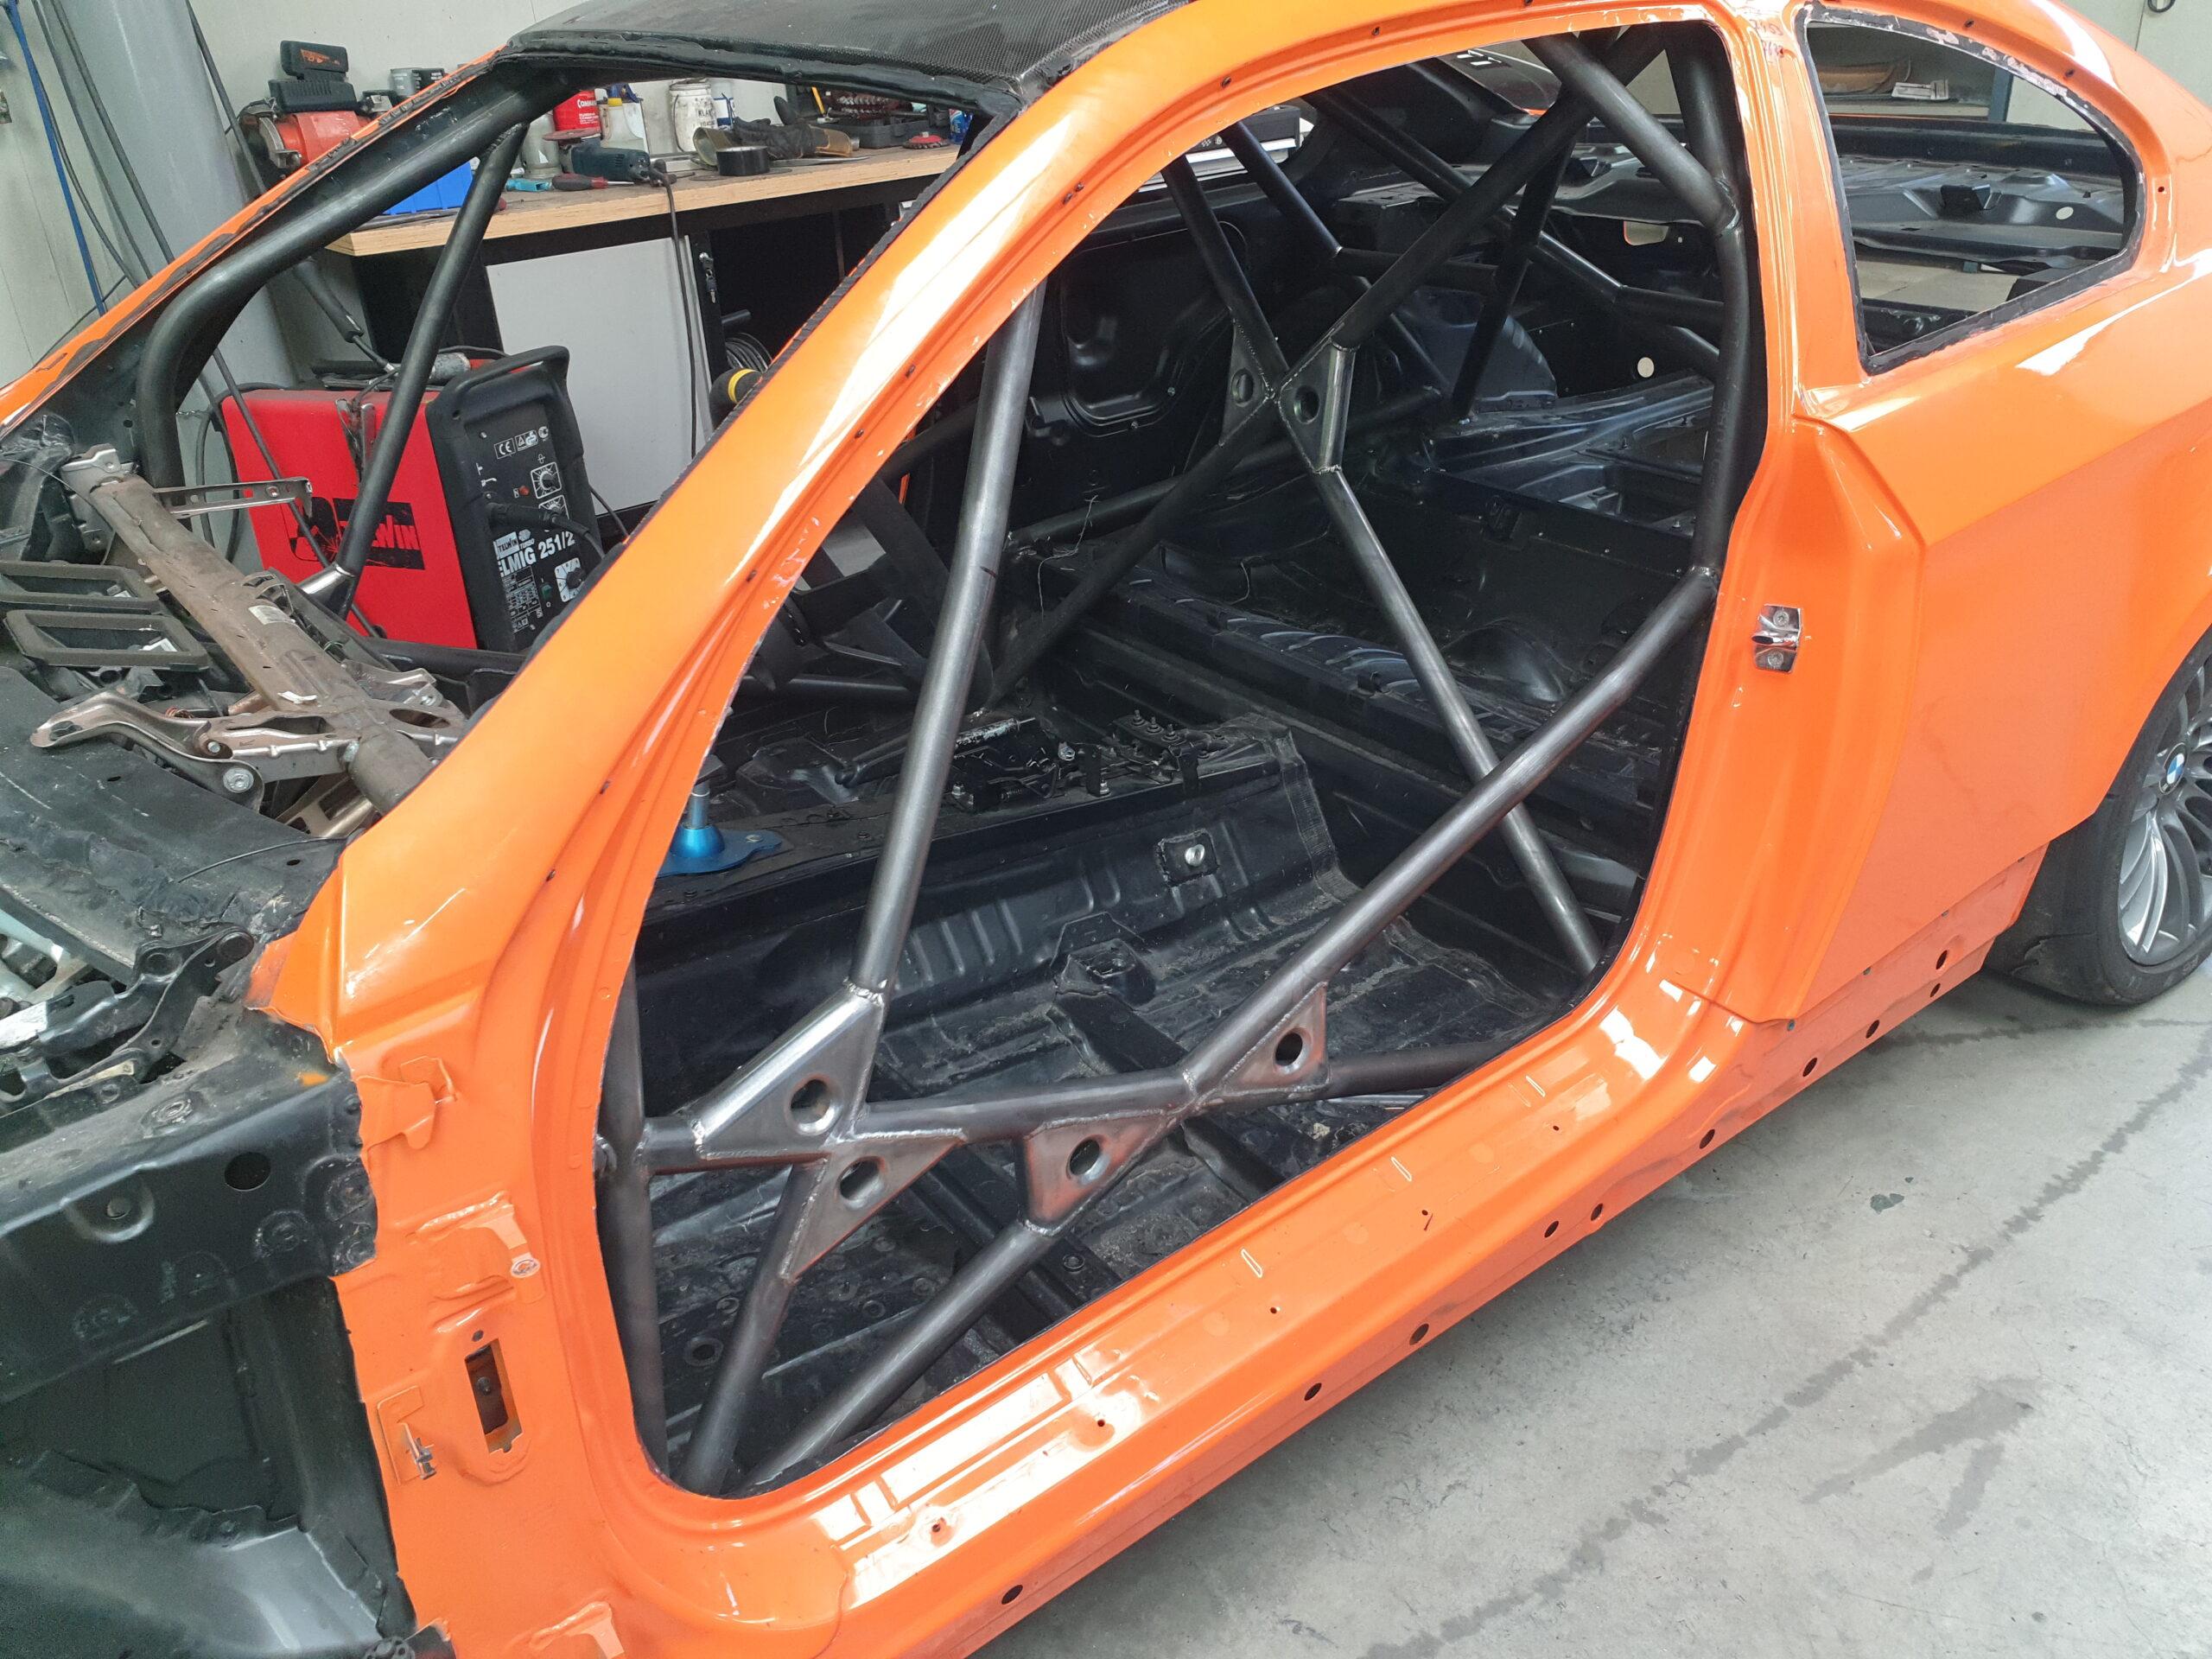 BMW M3 E92 Voorzien Van Een Gecertificeerde Rolbeugel Van Chroommolybdeen.